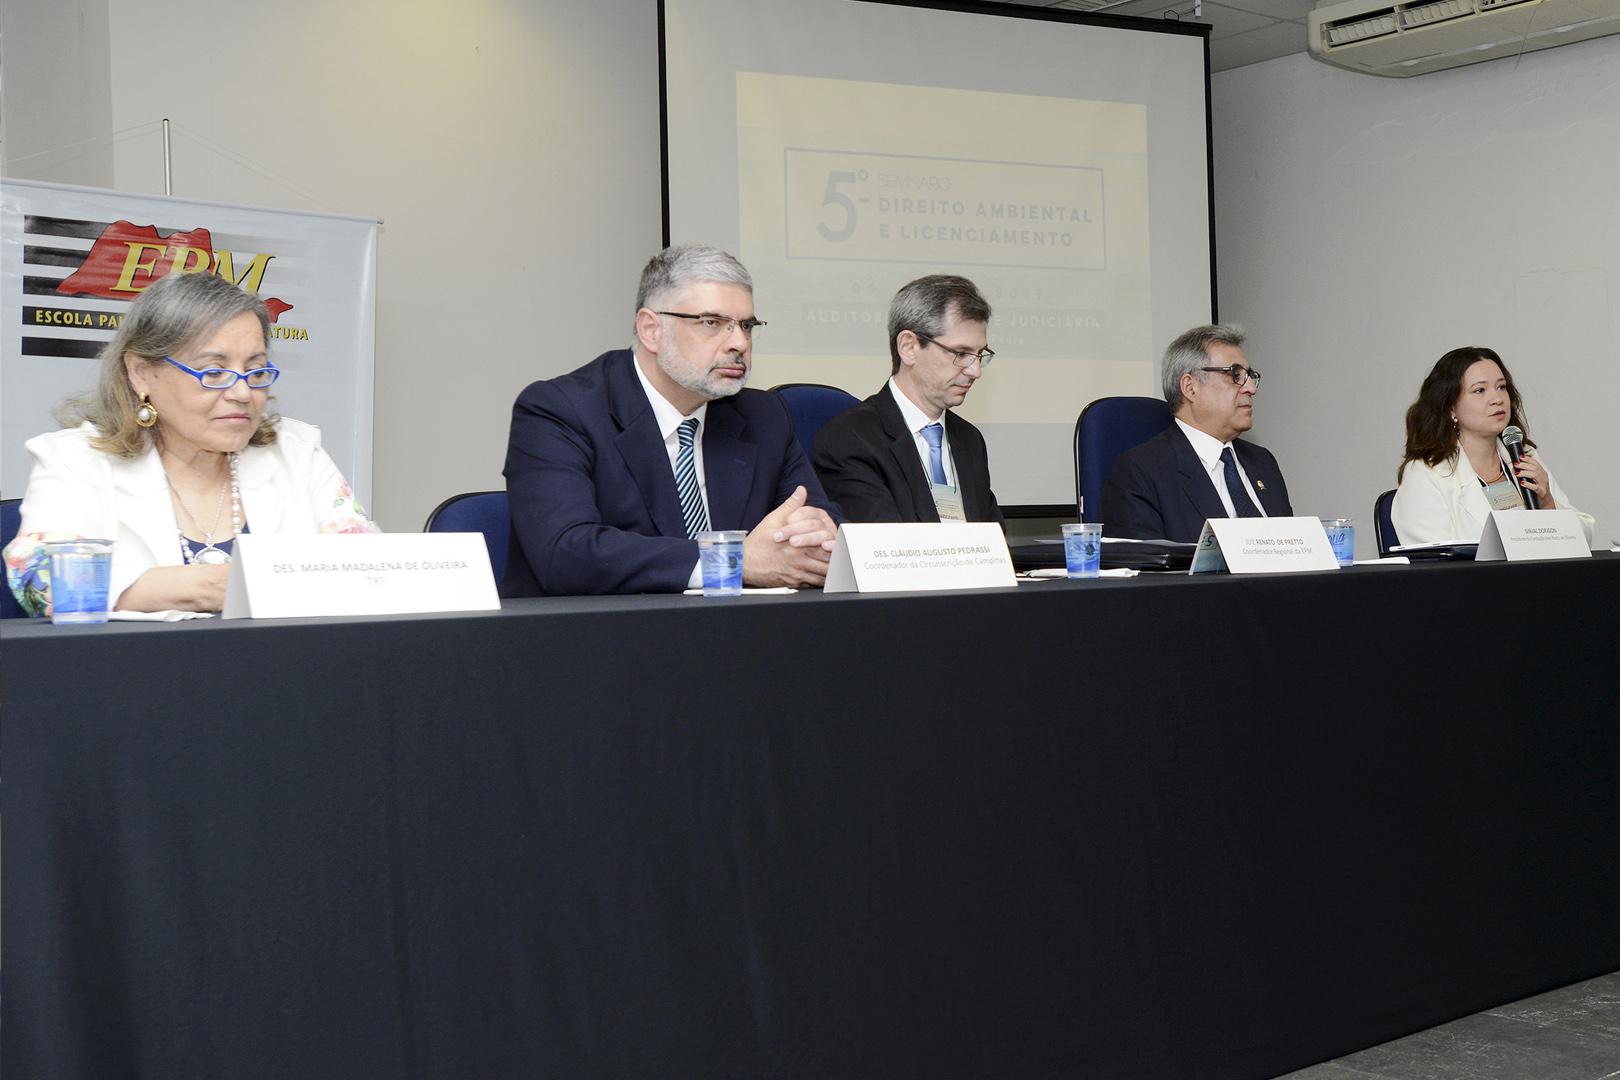 Núcleo Regional de Campinas promove quinta edição do Seminário de Direito Ambiental e Licenciamento'